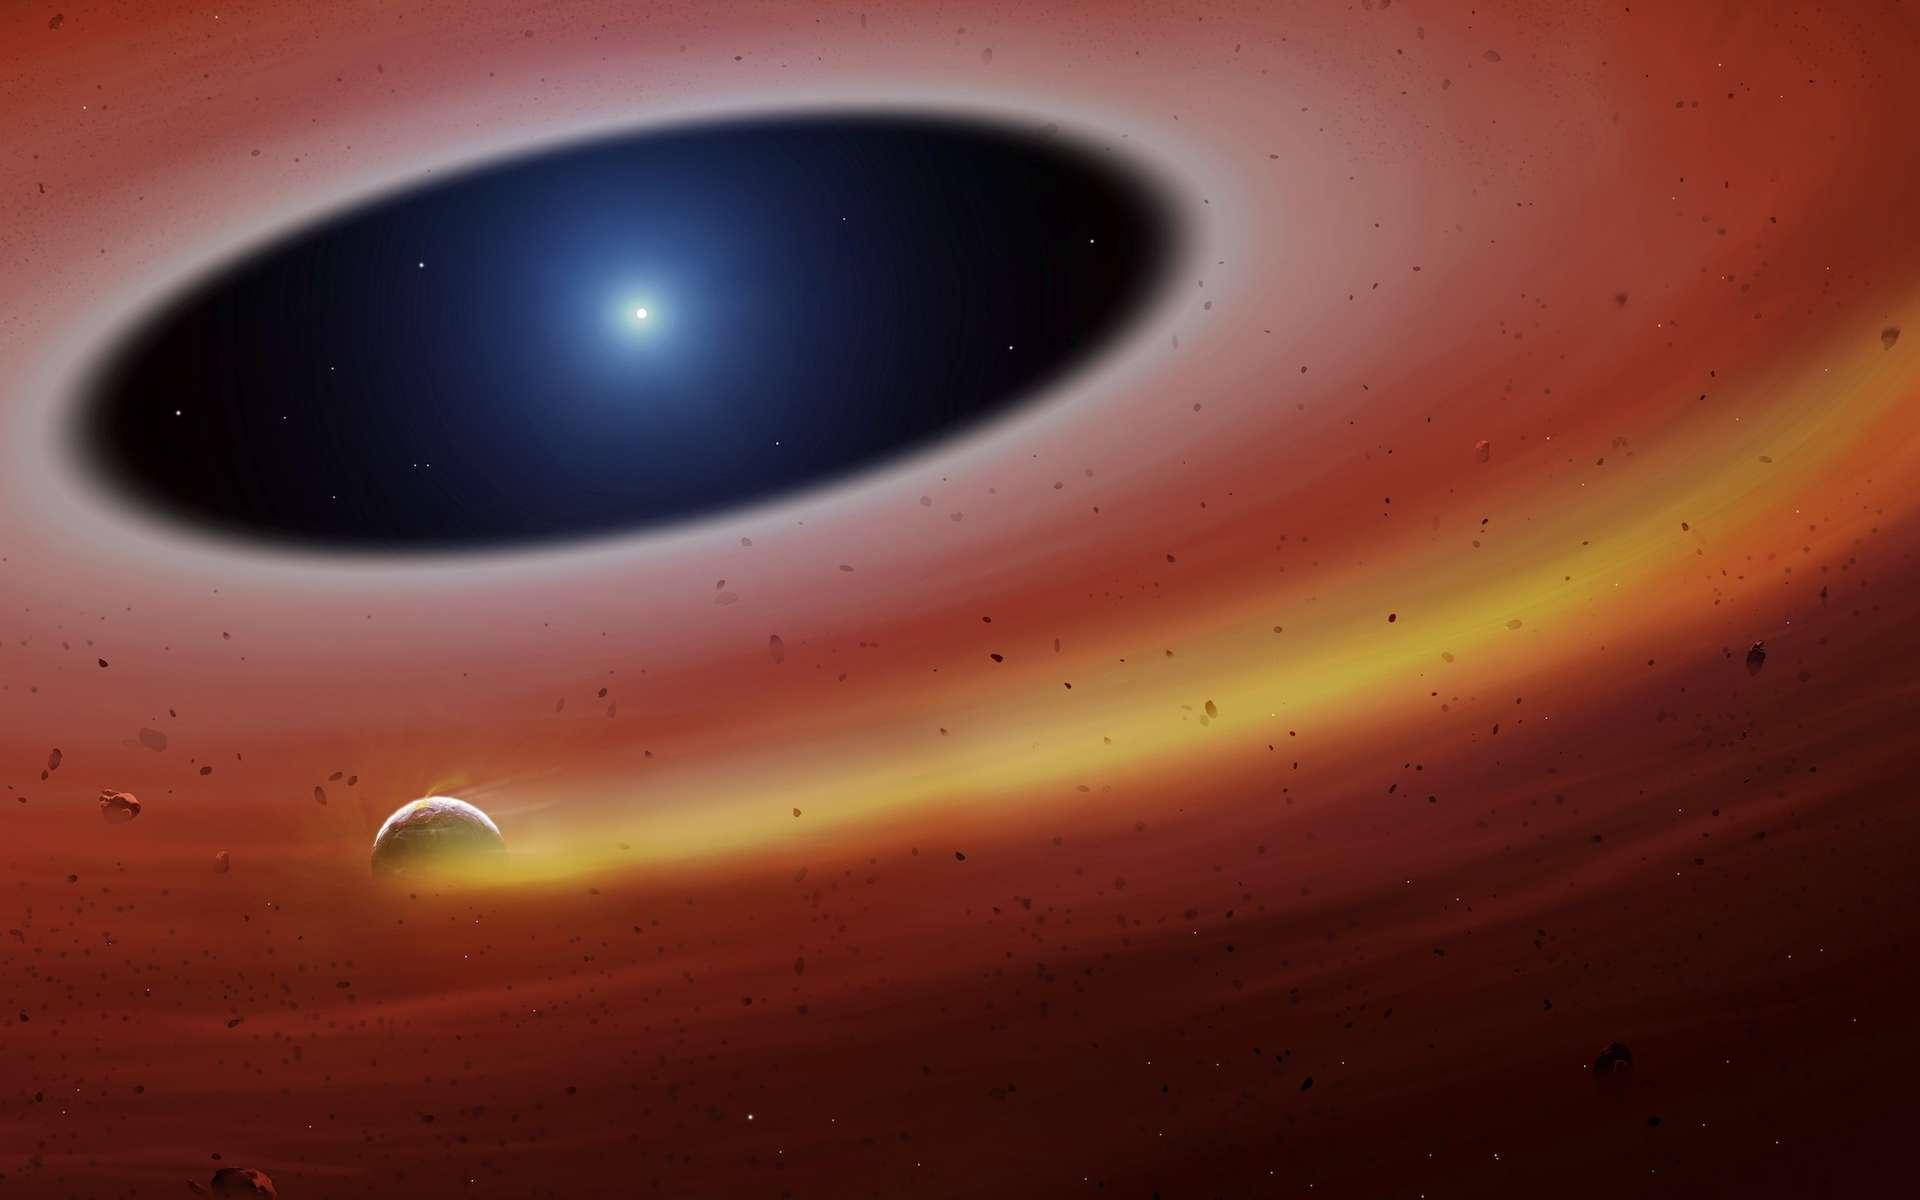 Illustration du corps incandescent et fumant en orbite autour de la naine blanche SDSS J122859.93+104032.9. © Université de Warwick, Mark Garlick